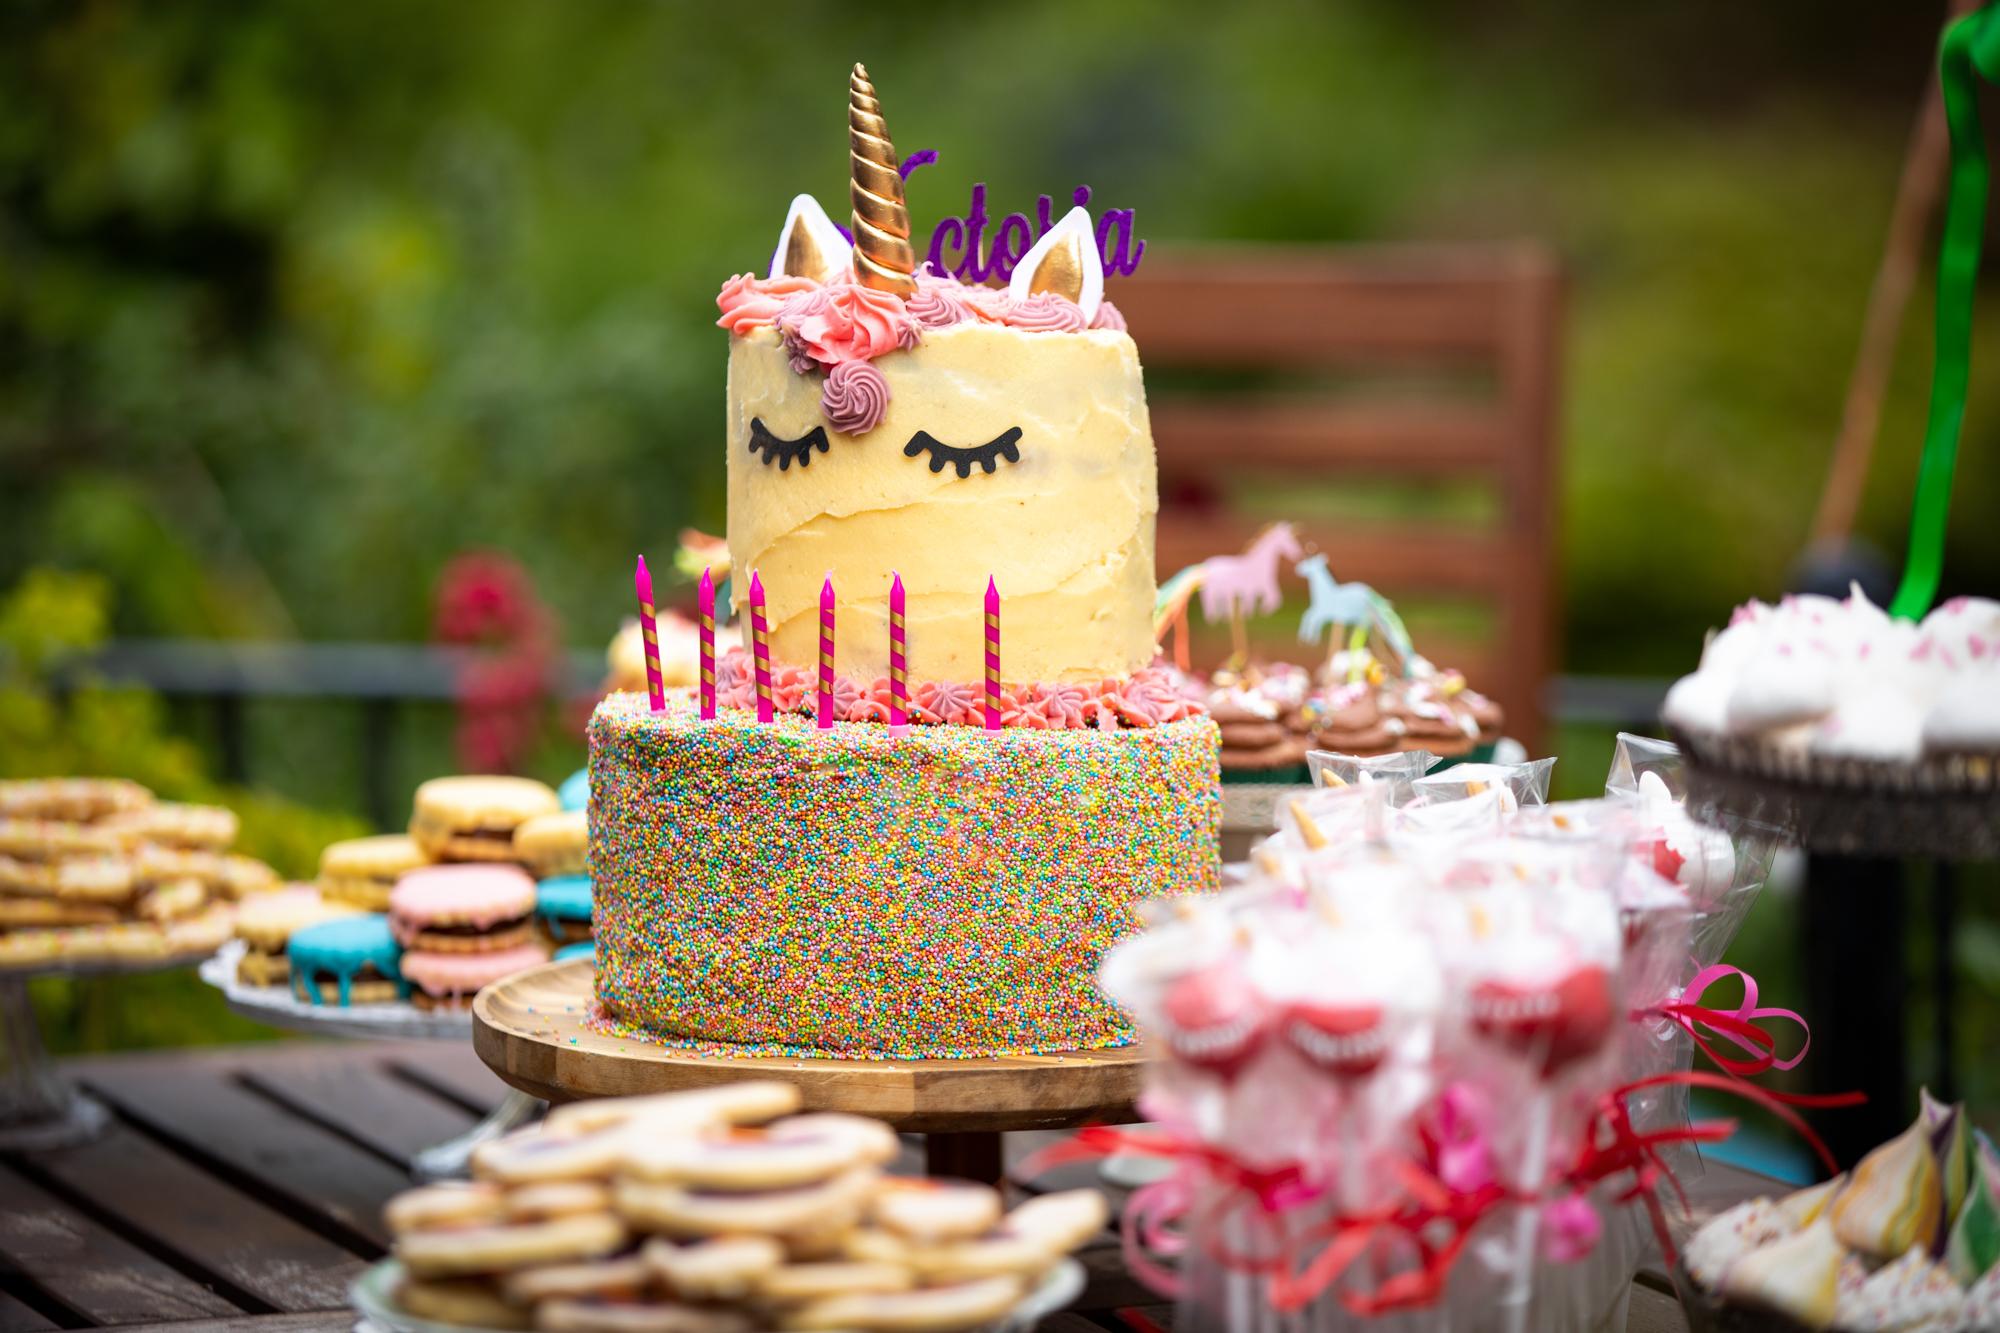 Victoria's birthday party